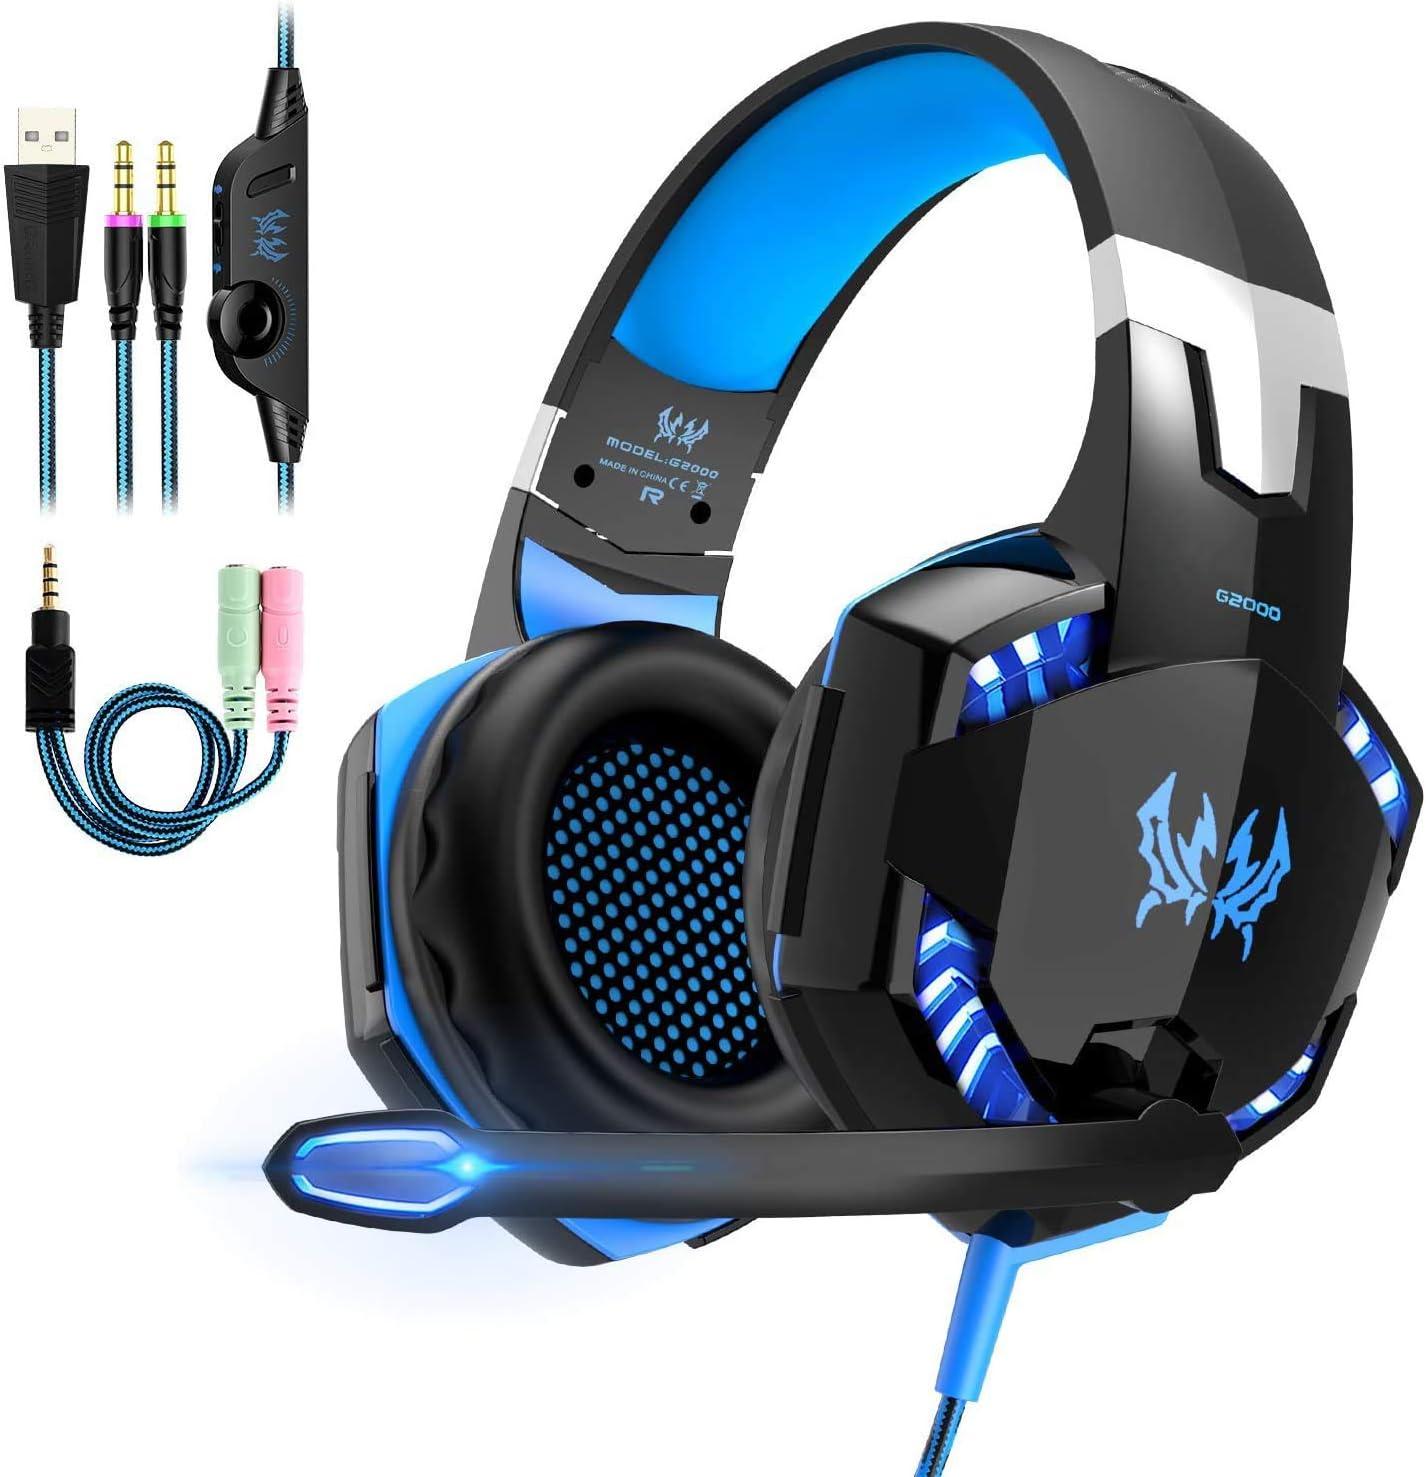 Auriculares Gaming Estéreo con Microfono para PS4 PC Xbox One, Cascos Gaming Professional con Bass Surround para Nintendo Switch Gamer, Diadema Acolchada y Ajustable(Tiene un adaptador cable): Amazon.es: Electrónica